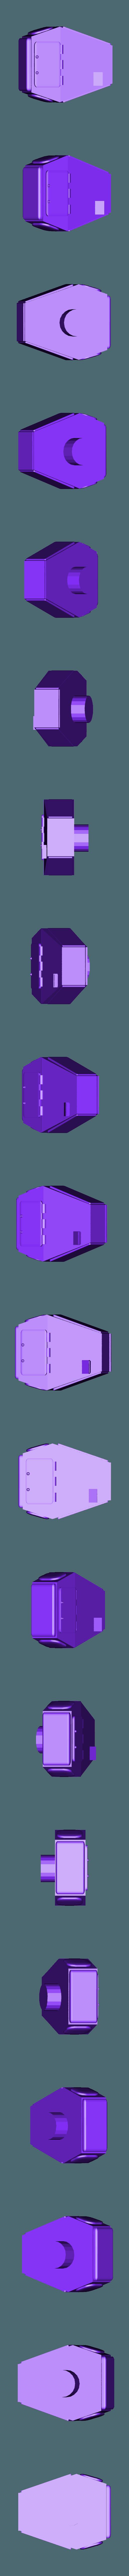 """turret.stl Télécharger fichier STL gratuit Ork / Orc Tank """"Bone Breaker"""" 28mm wargames véhicule • Plan pour impression 3D, redstarkits"""